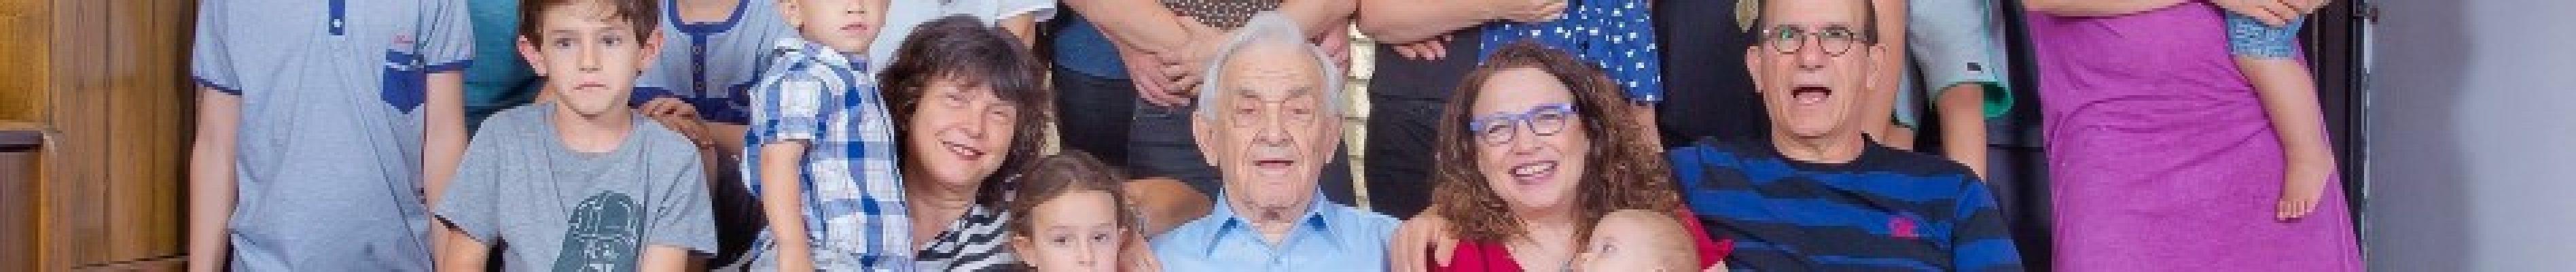 """ד""""ר ישראל מכטיי, בחיק משפחתו שבנה לאחר ששרד את מלחמת העולם השנייה, השבי והשואה."""